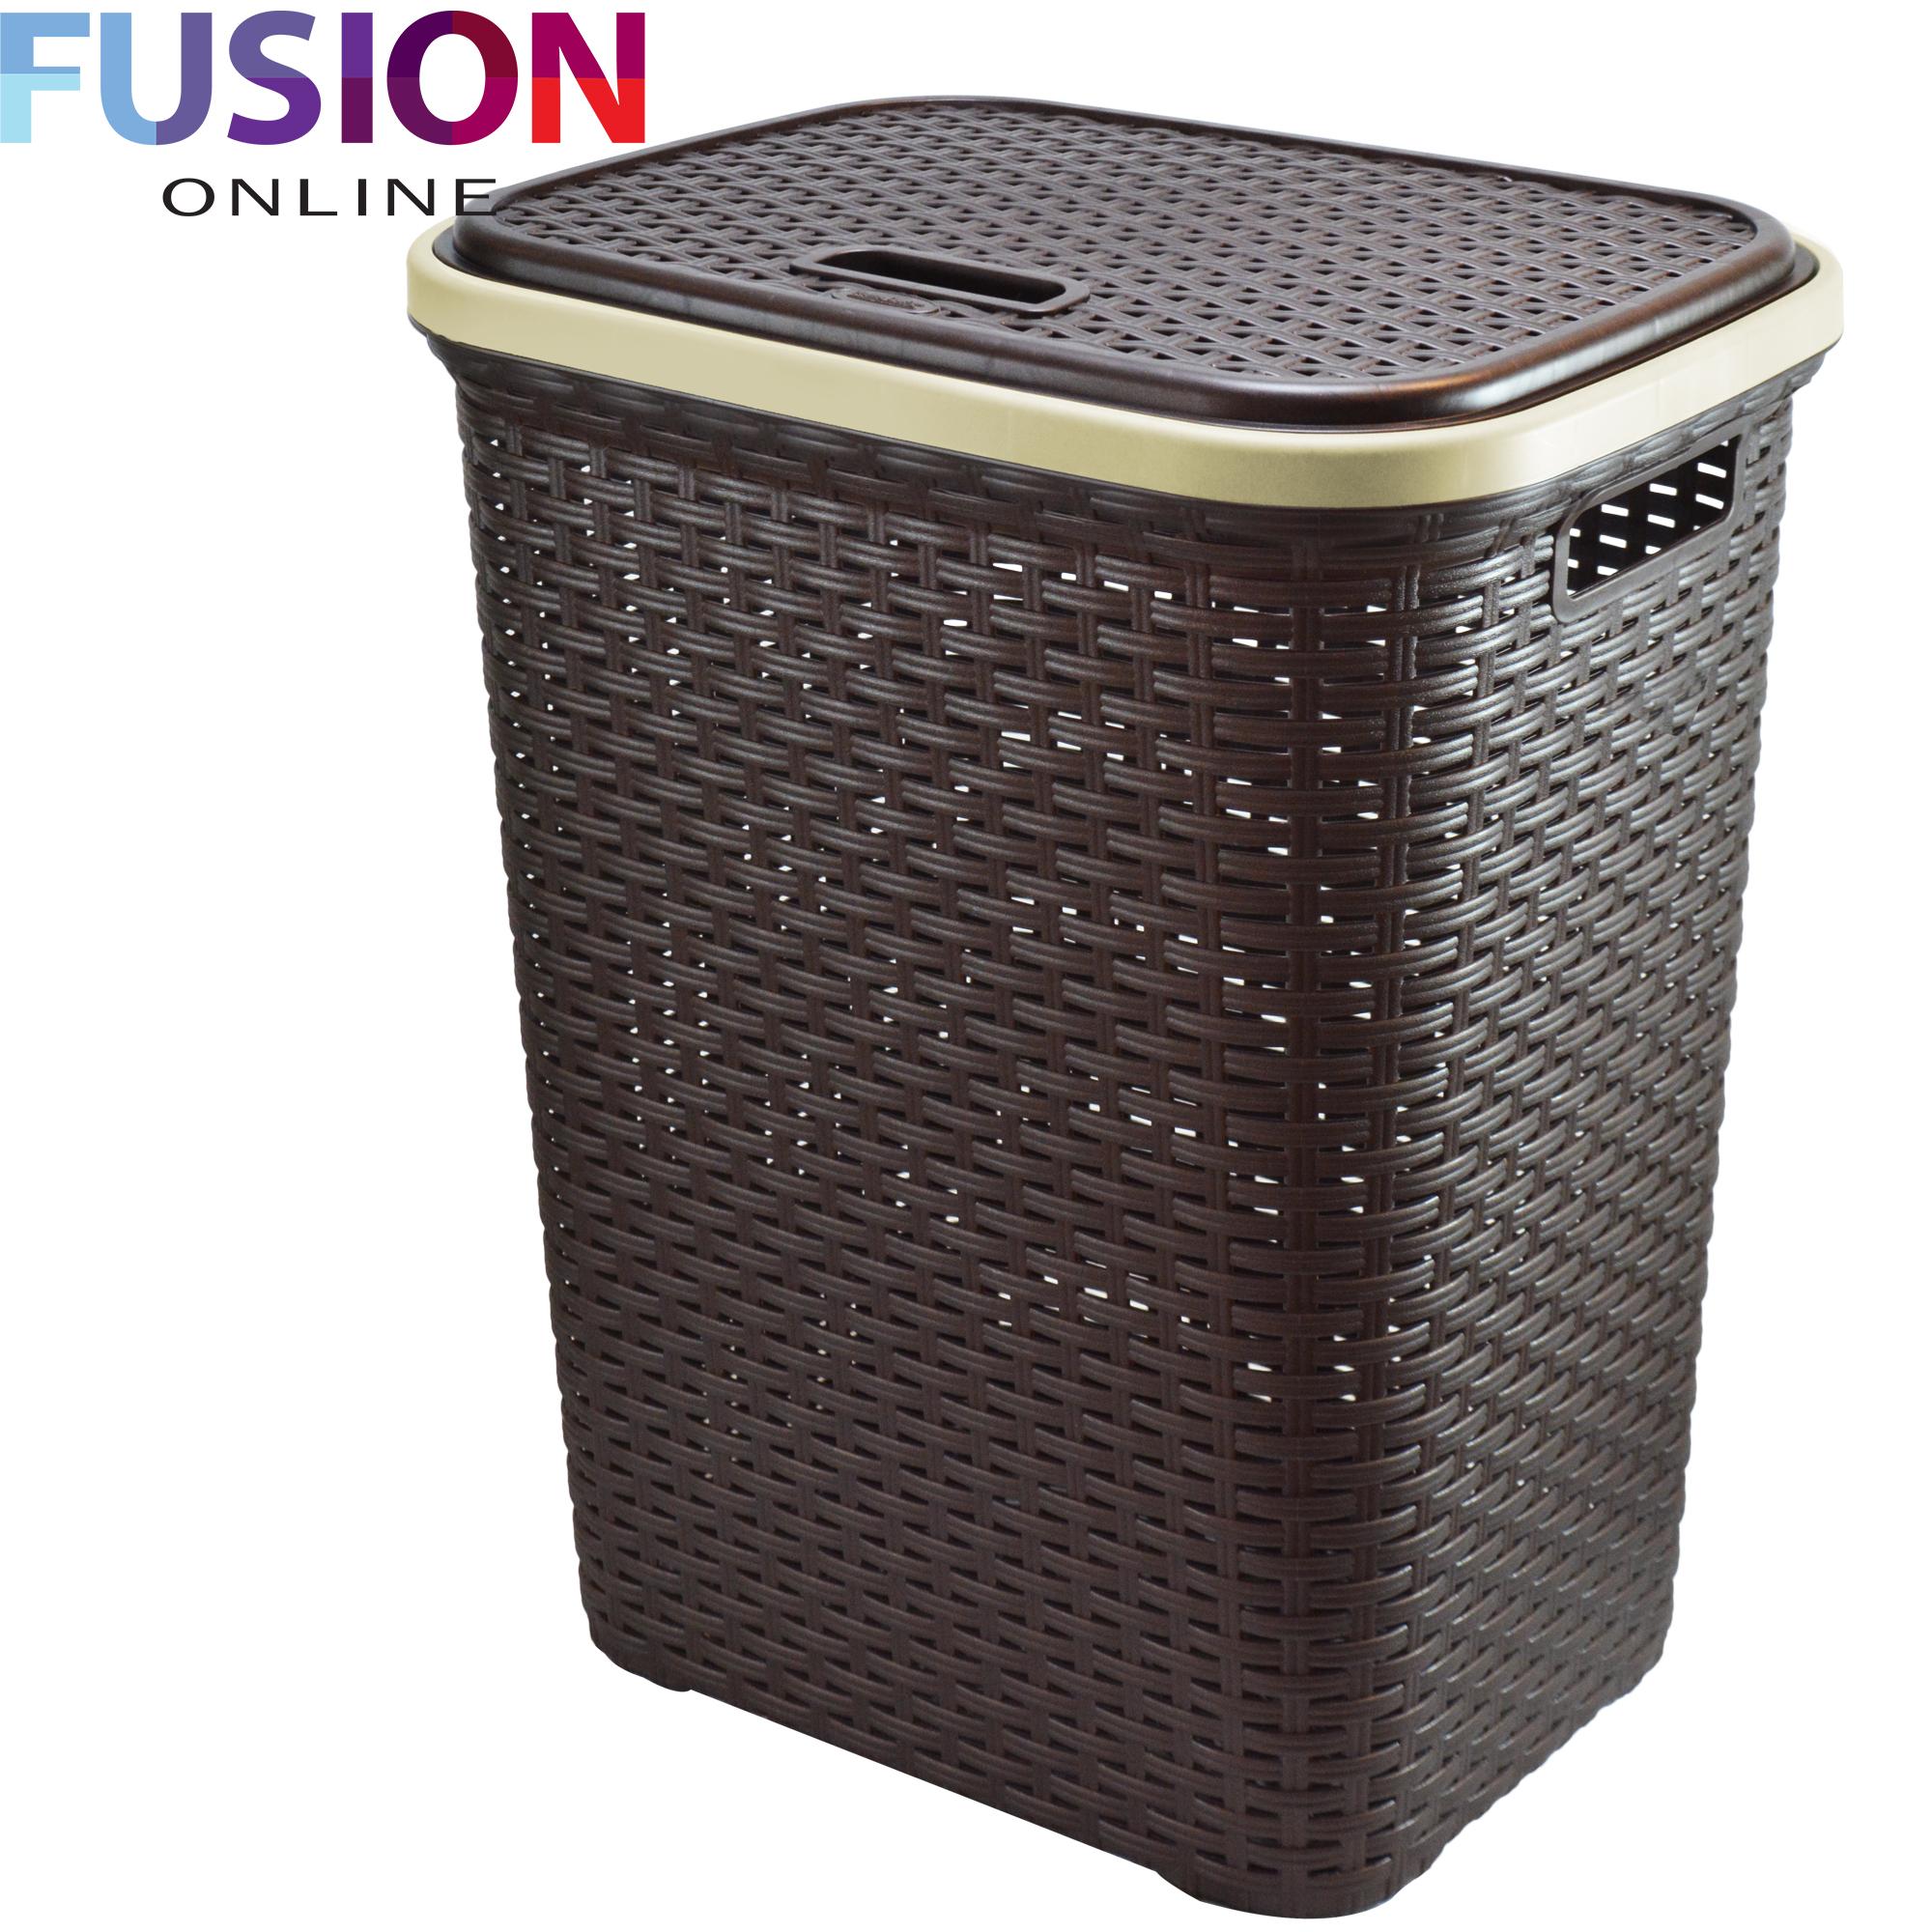 Large Laundry Basket Washing Clothes Storage Hamper Rattan